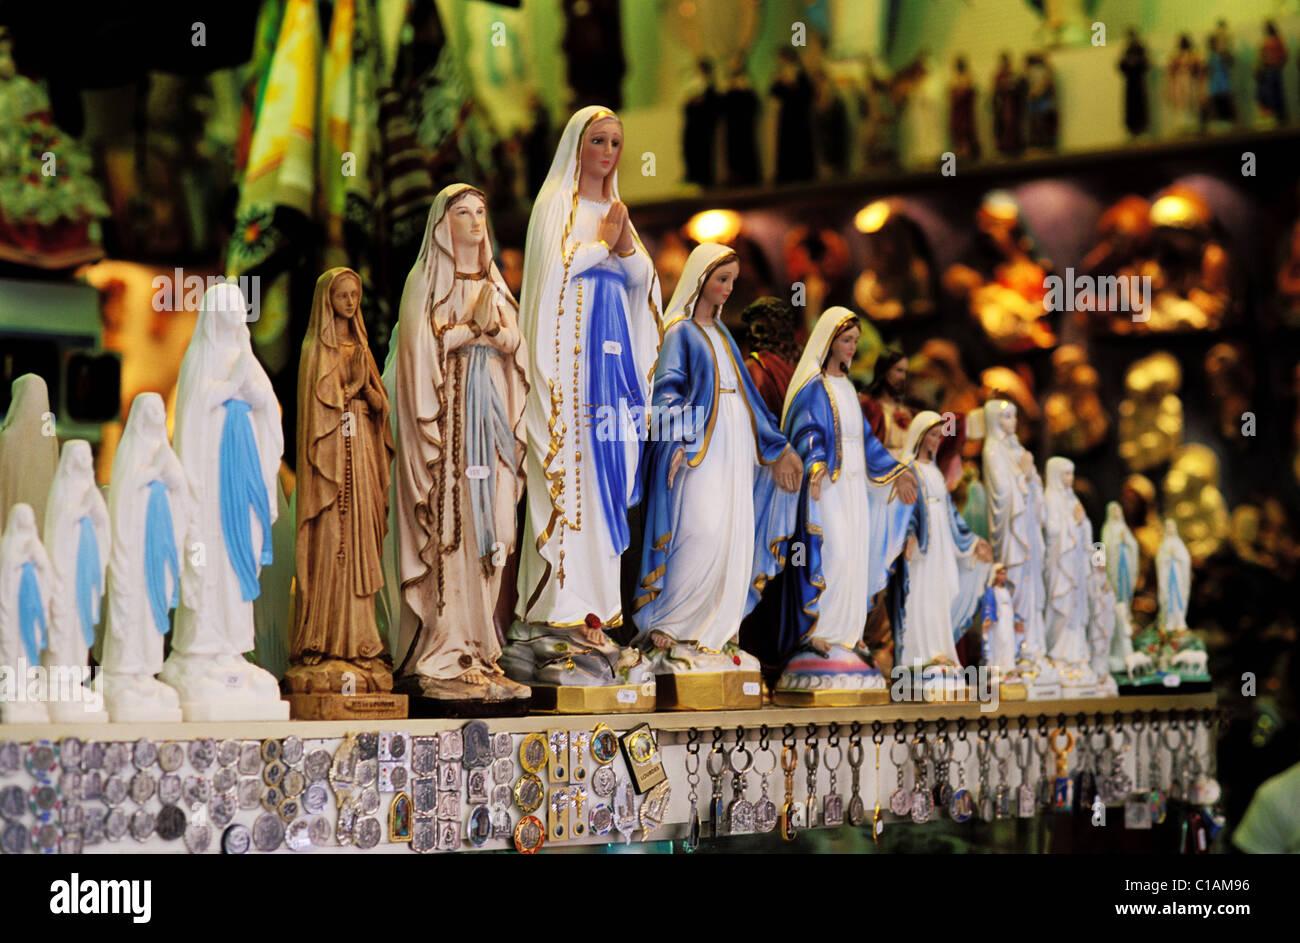 France, Hautes Pyrenees, Lourdes, the souvenir merchants - Stock Image